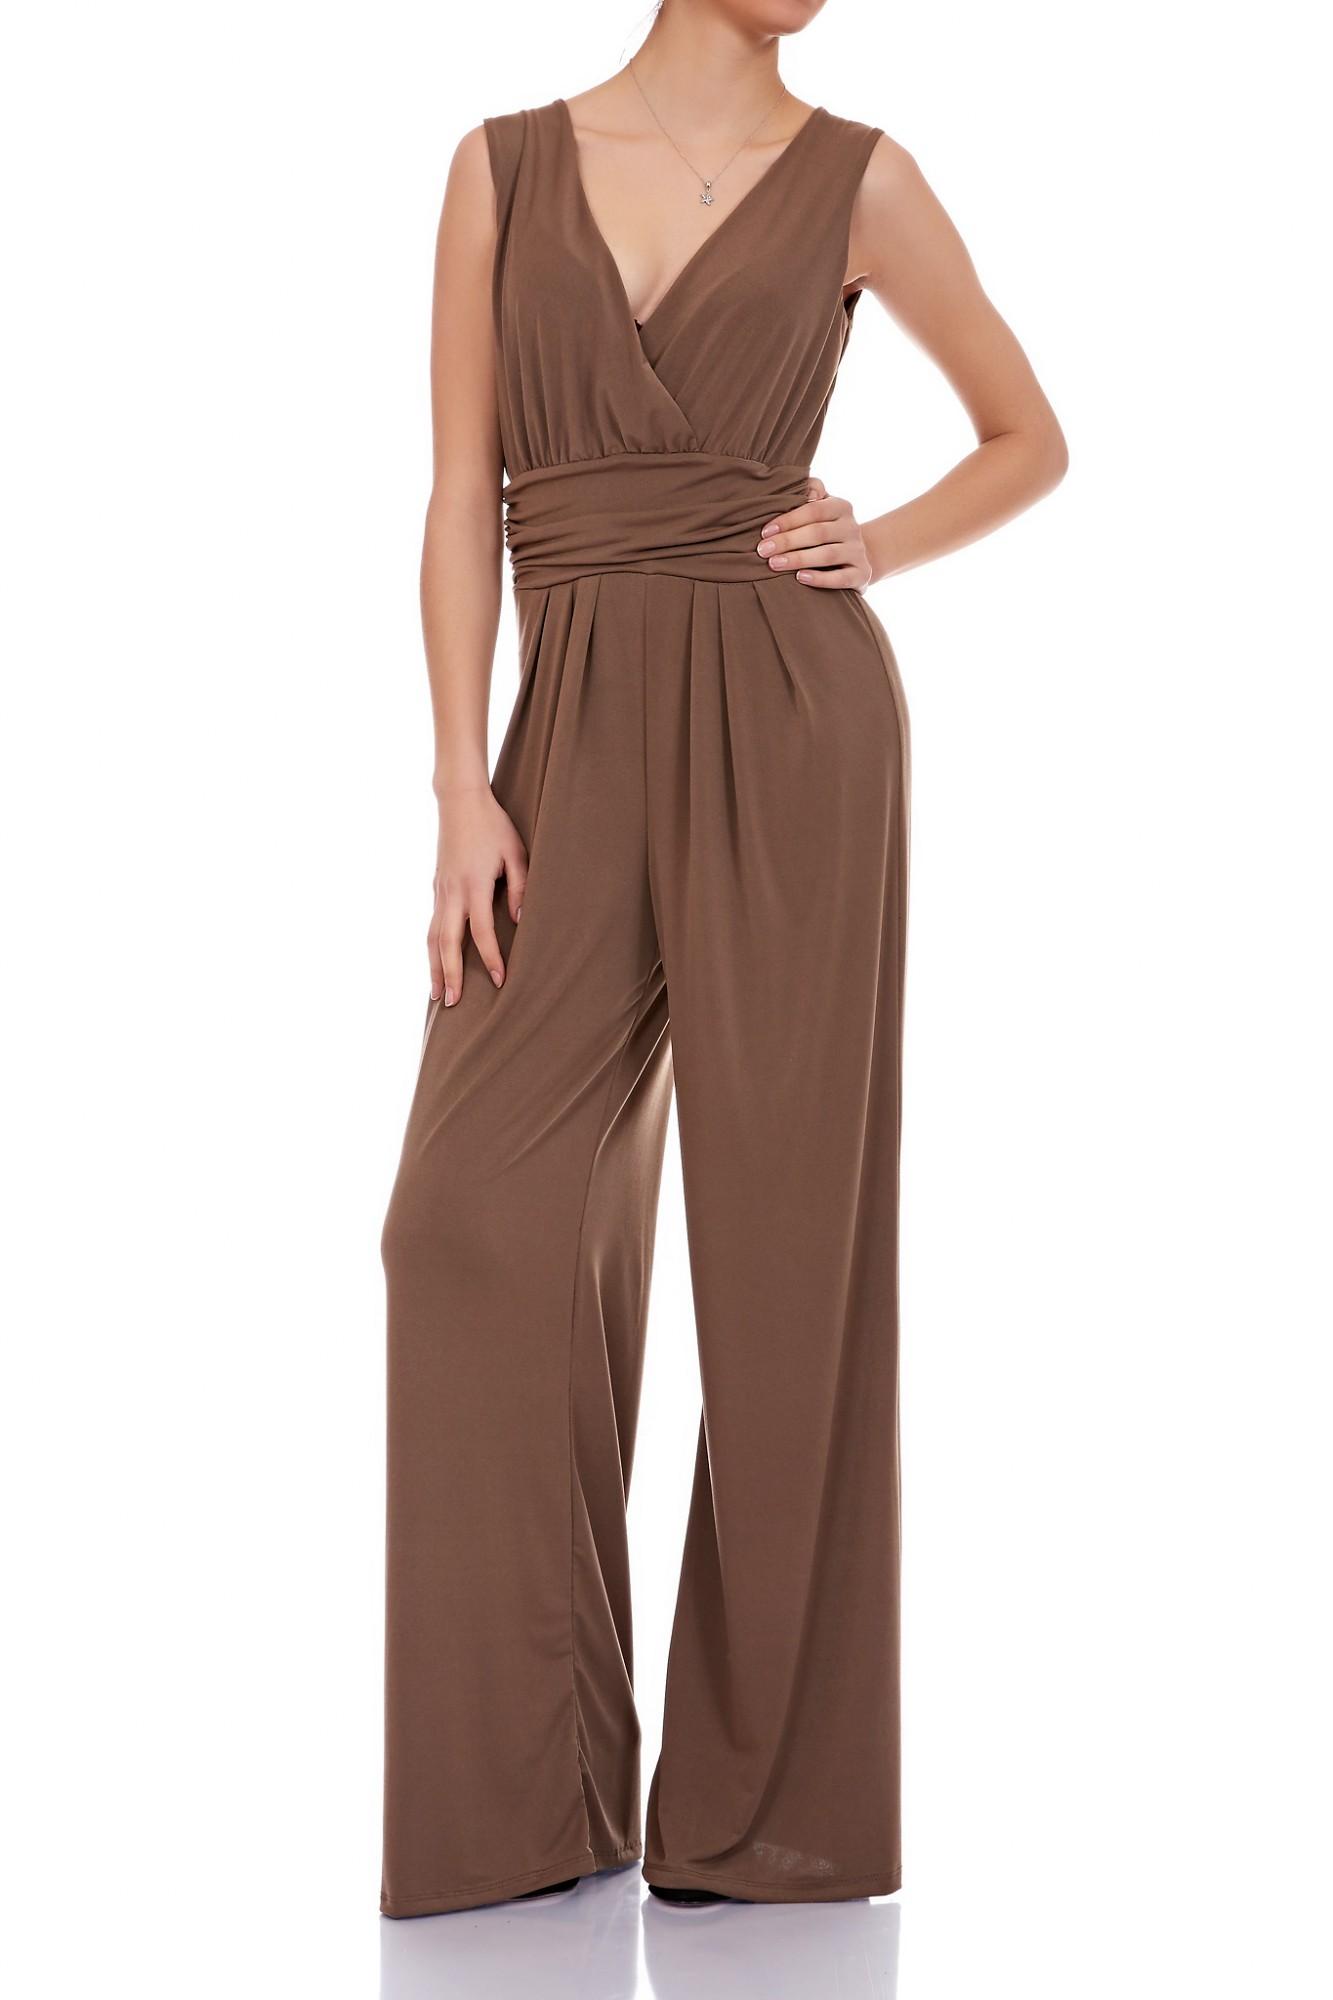 5ef67a587b0b88 Eleganter Laeticia Dreams Damen Overall Jumpsuit V Ausschnitt S M L XL